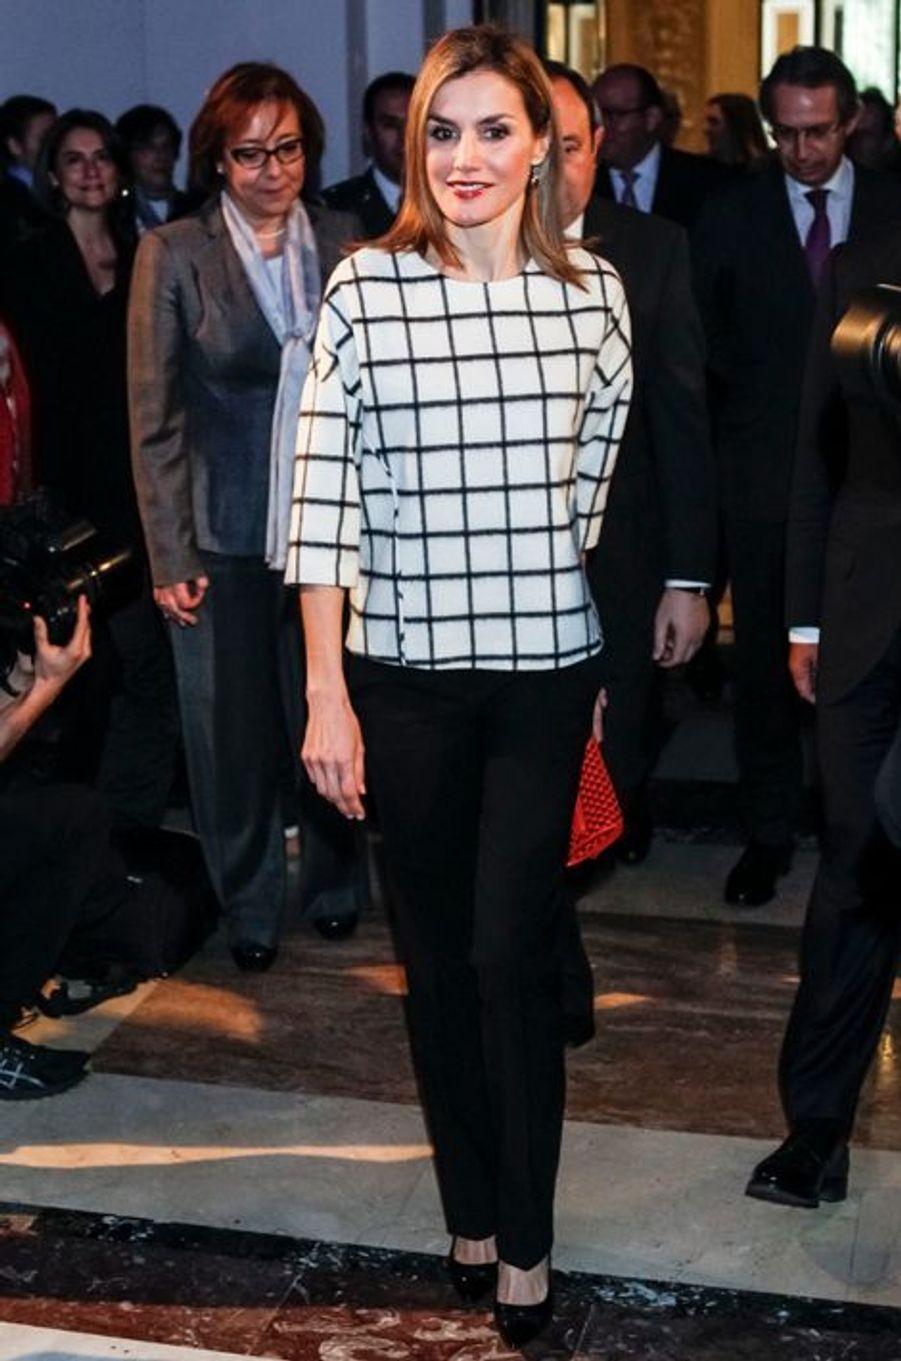 La reine Letizia célèbre les 10 ans de la Fundéu à Madrid, le 18 février 2015